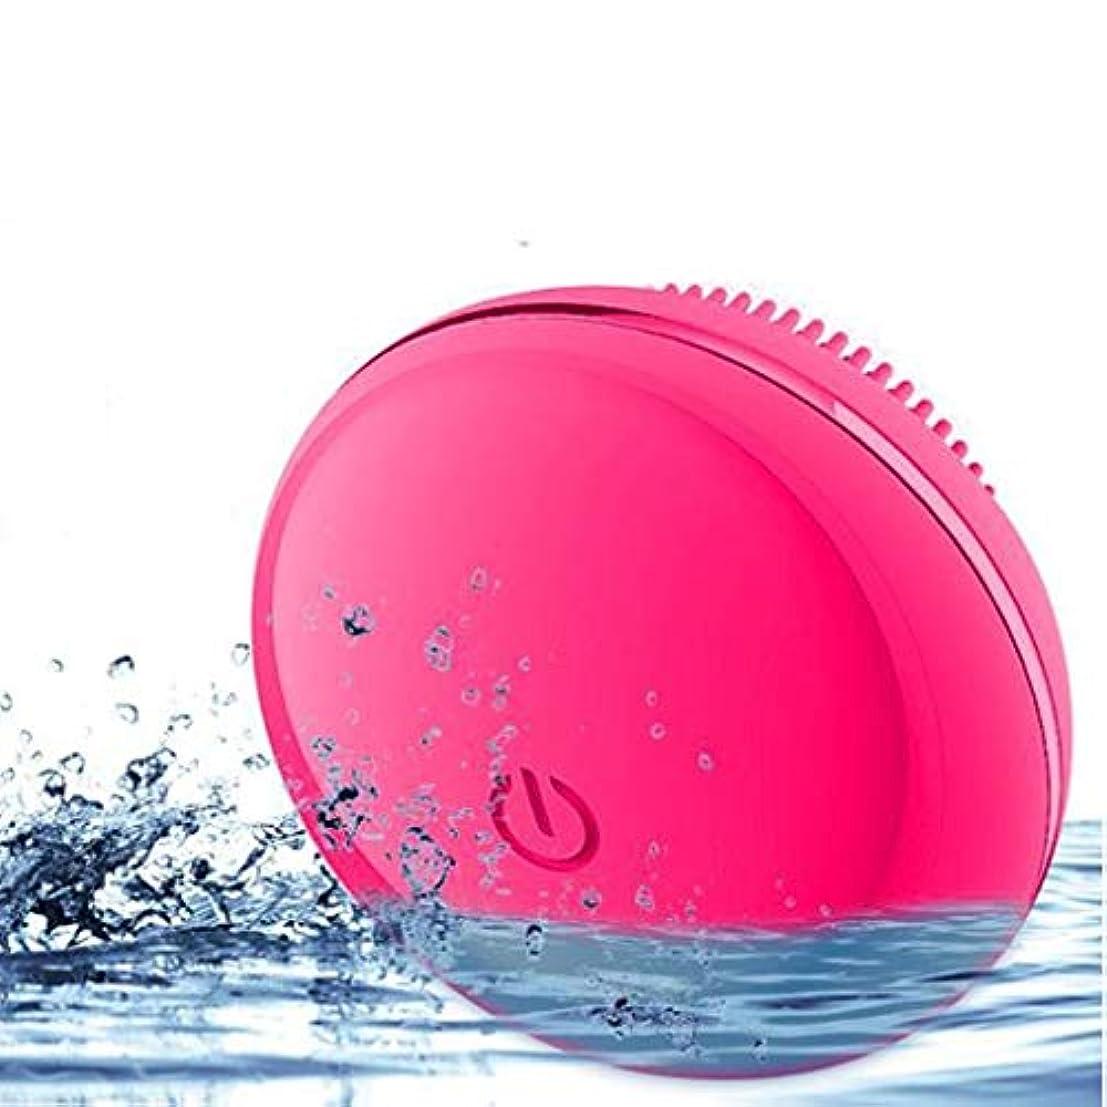 高度ブリード合体ソニックバイブレーションフェイシャルクレンジングブラシ、電動ポータブルディープクレンジングブラシポアクリーナーは、しわ美容ツールを減らして肌を若返らせます (Color : Red)